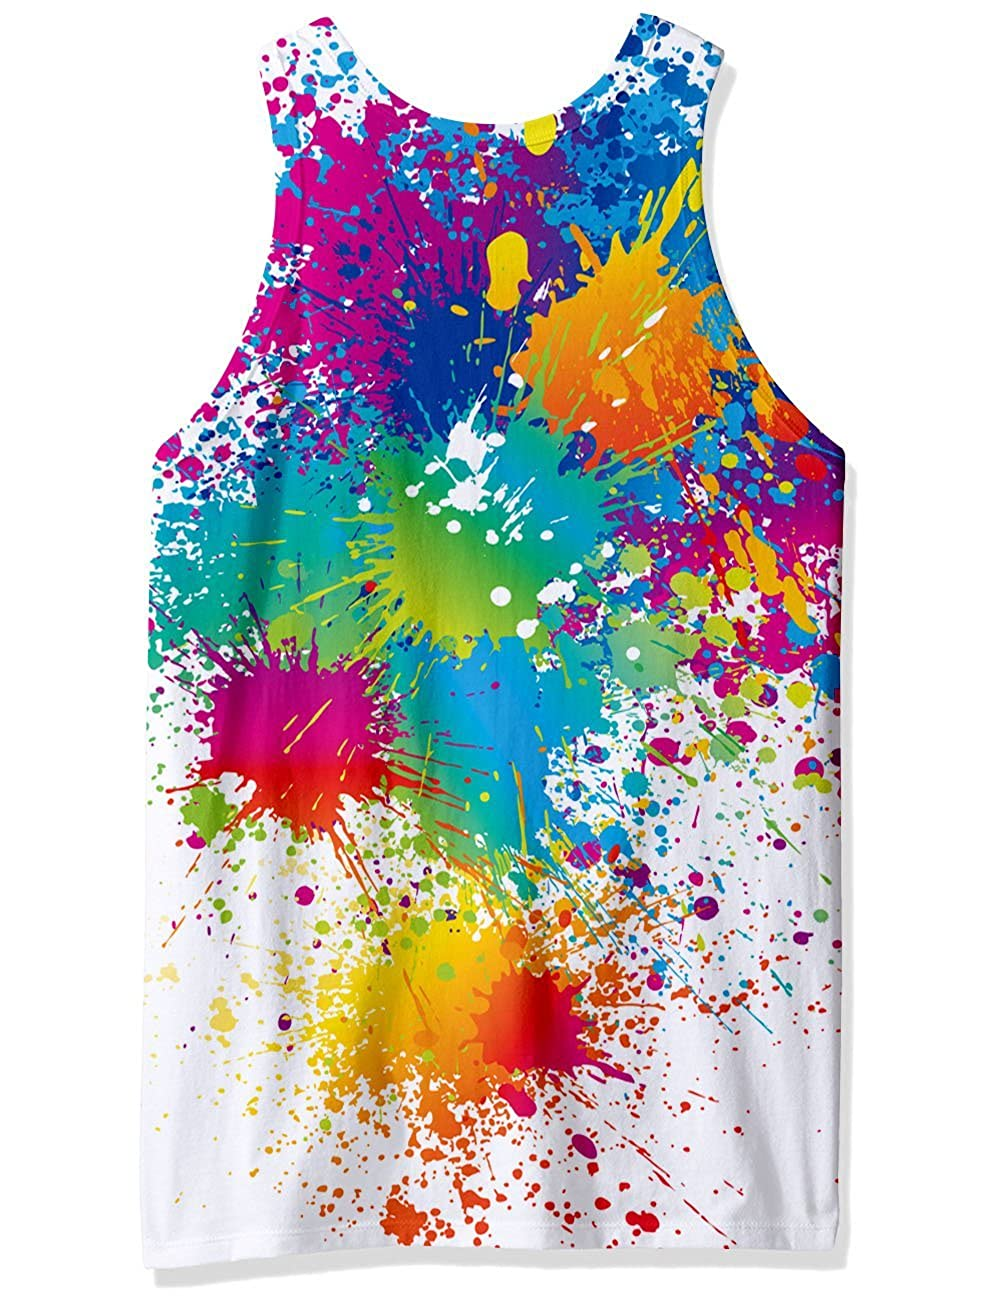 Goodstoworld Divertido 3D Camiseta Sin Mangas Hombre Rock Impresi/ón Chaleco Gym Camisetas Tirantes para Hombres S-XXL